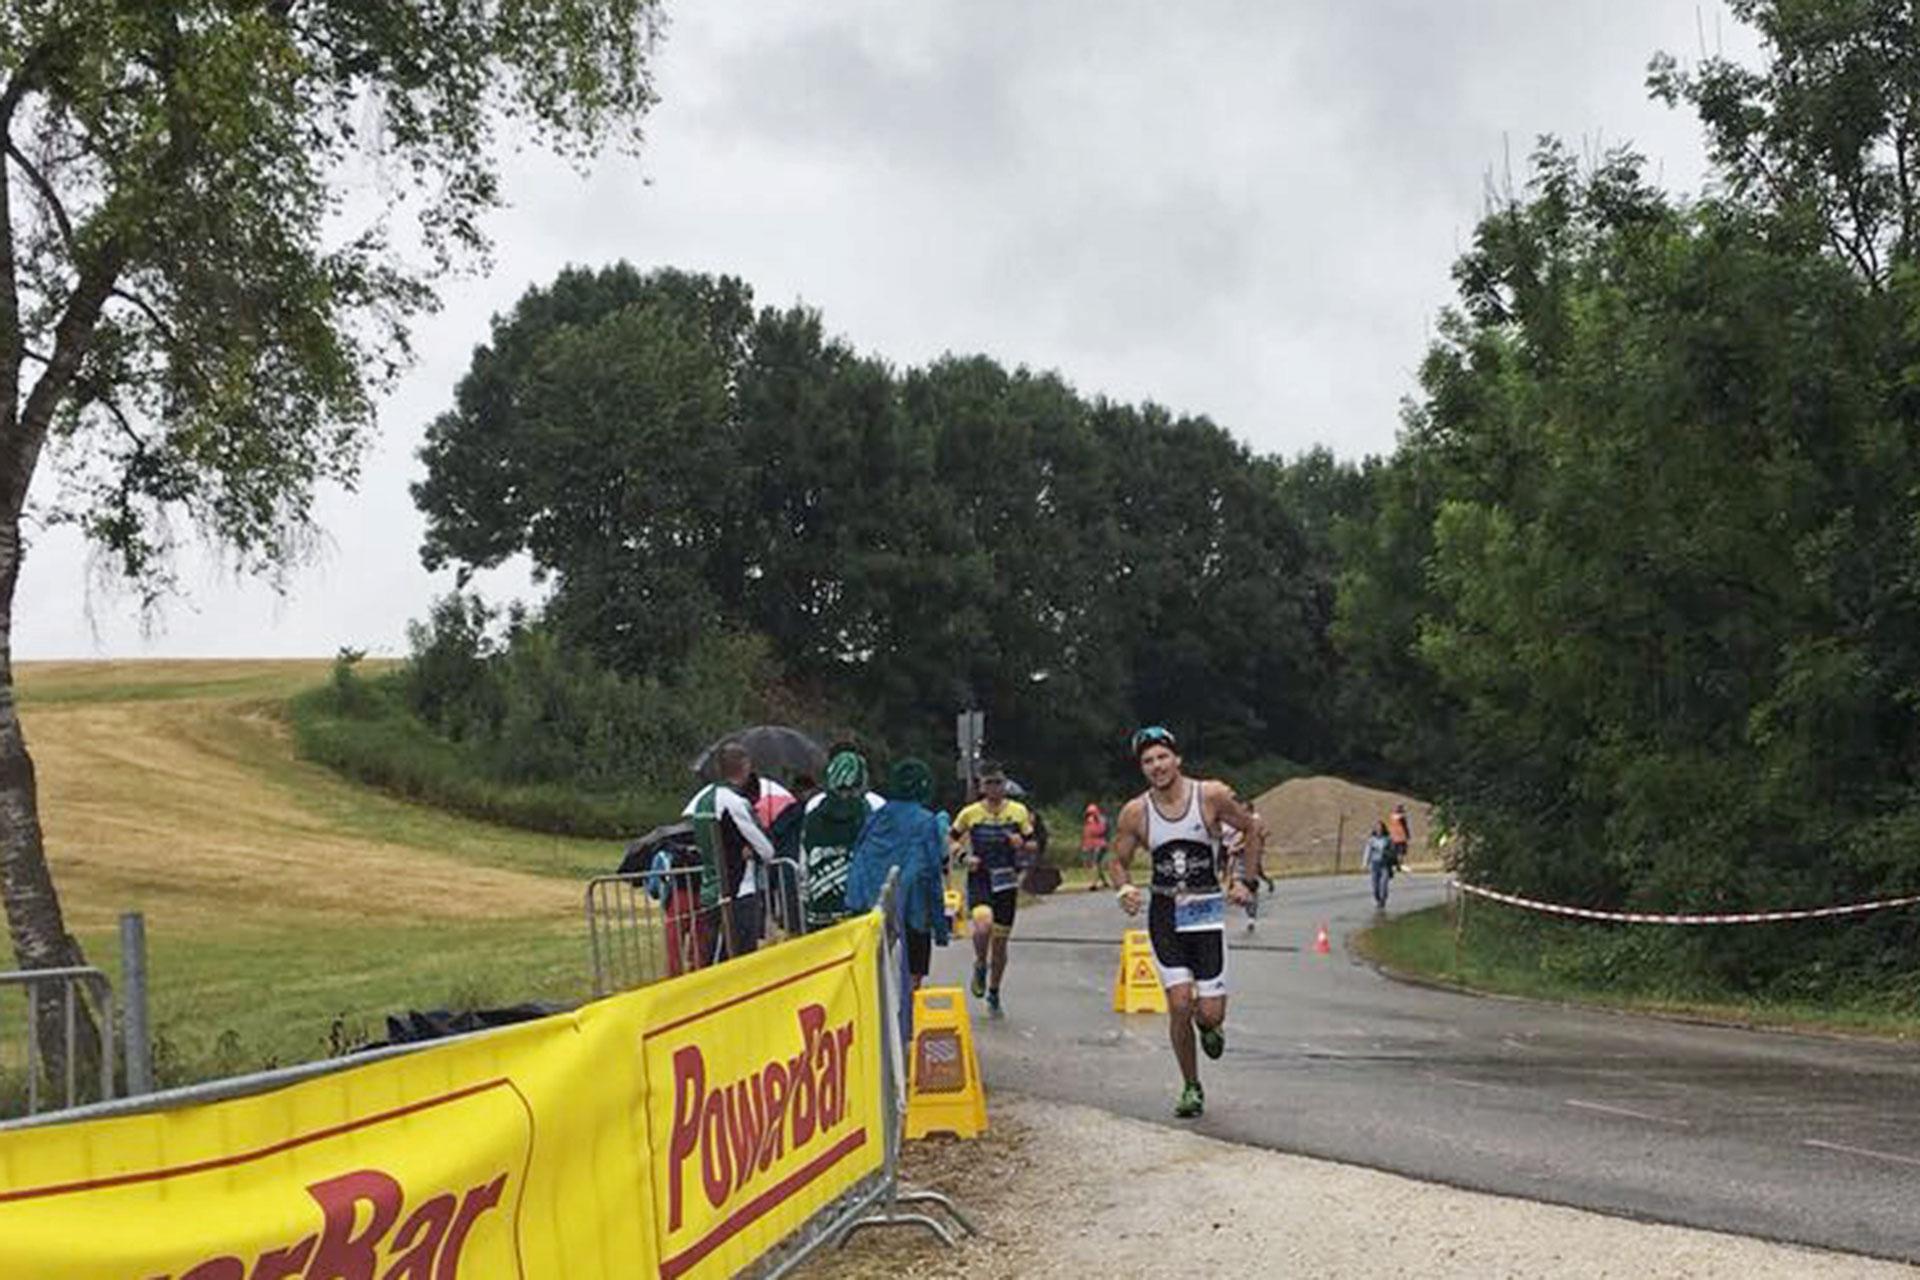 TRIATHLON CHIEMSEE 2017 Starke Erfolge im Kampf gegen die Elemente / Endlich ins Ziel abbiegen nach vier Runden und 20 Kilometern: Florian Sailer finisht in 4:30 H